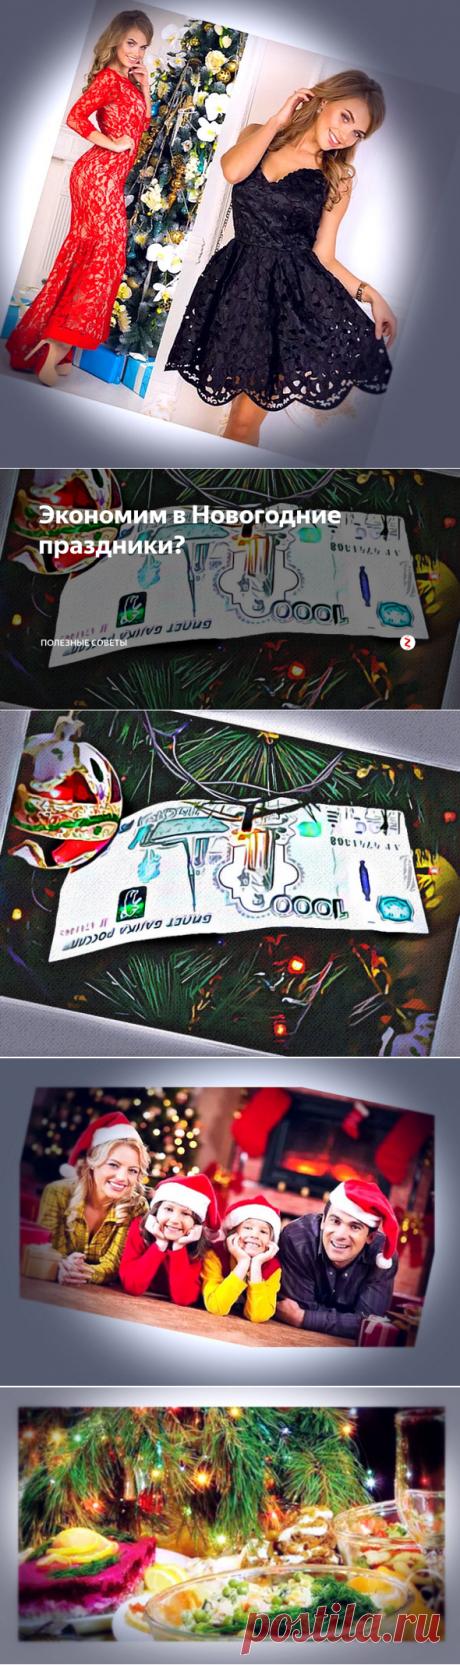 Экономим в Новогодние праздники? | Полезные советы | Яндекс Дзен